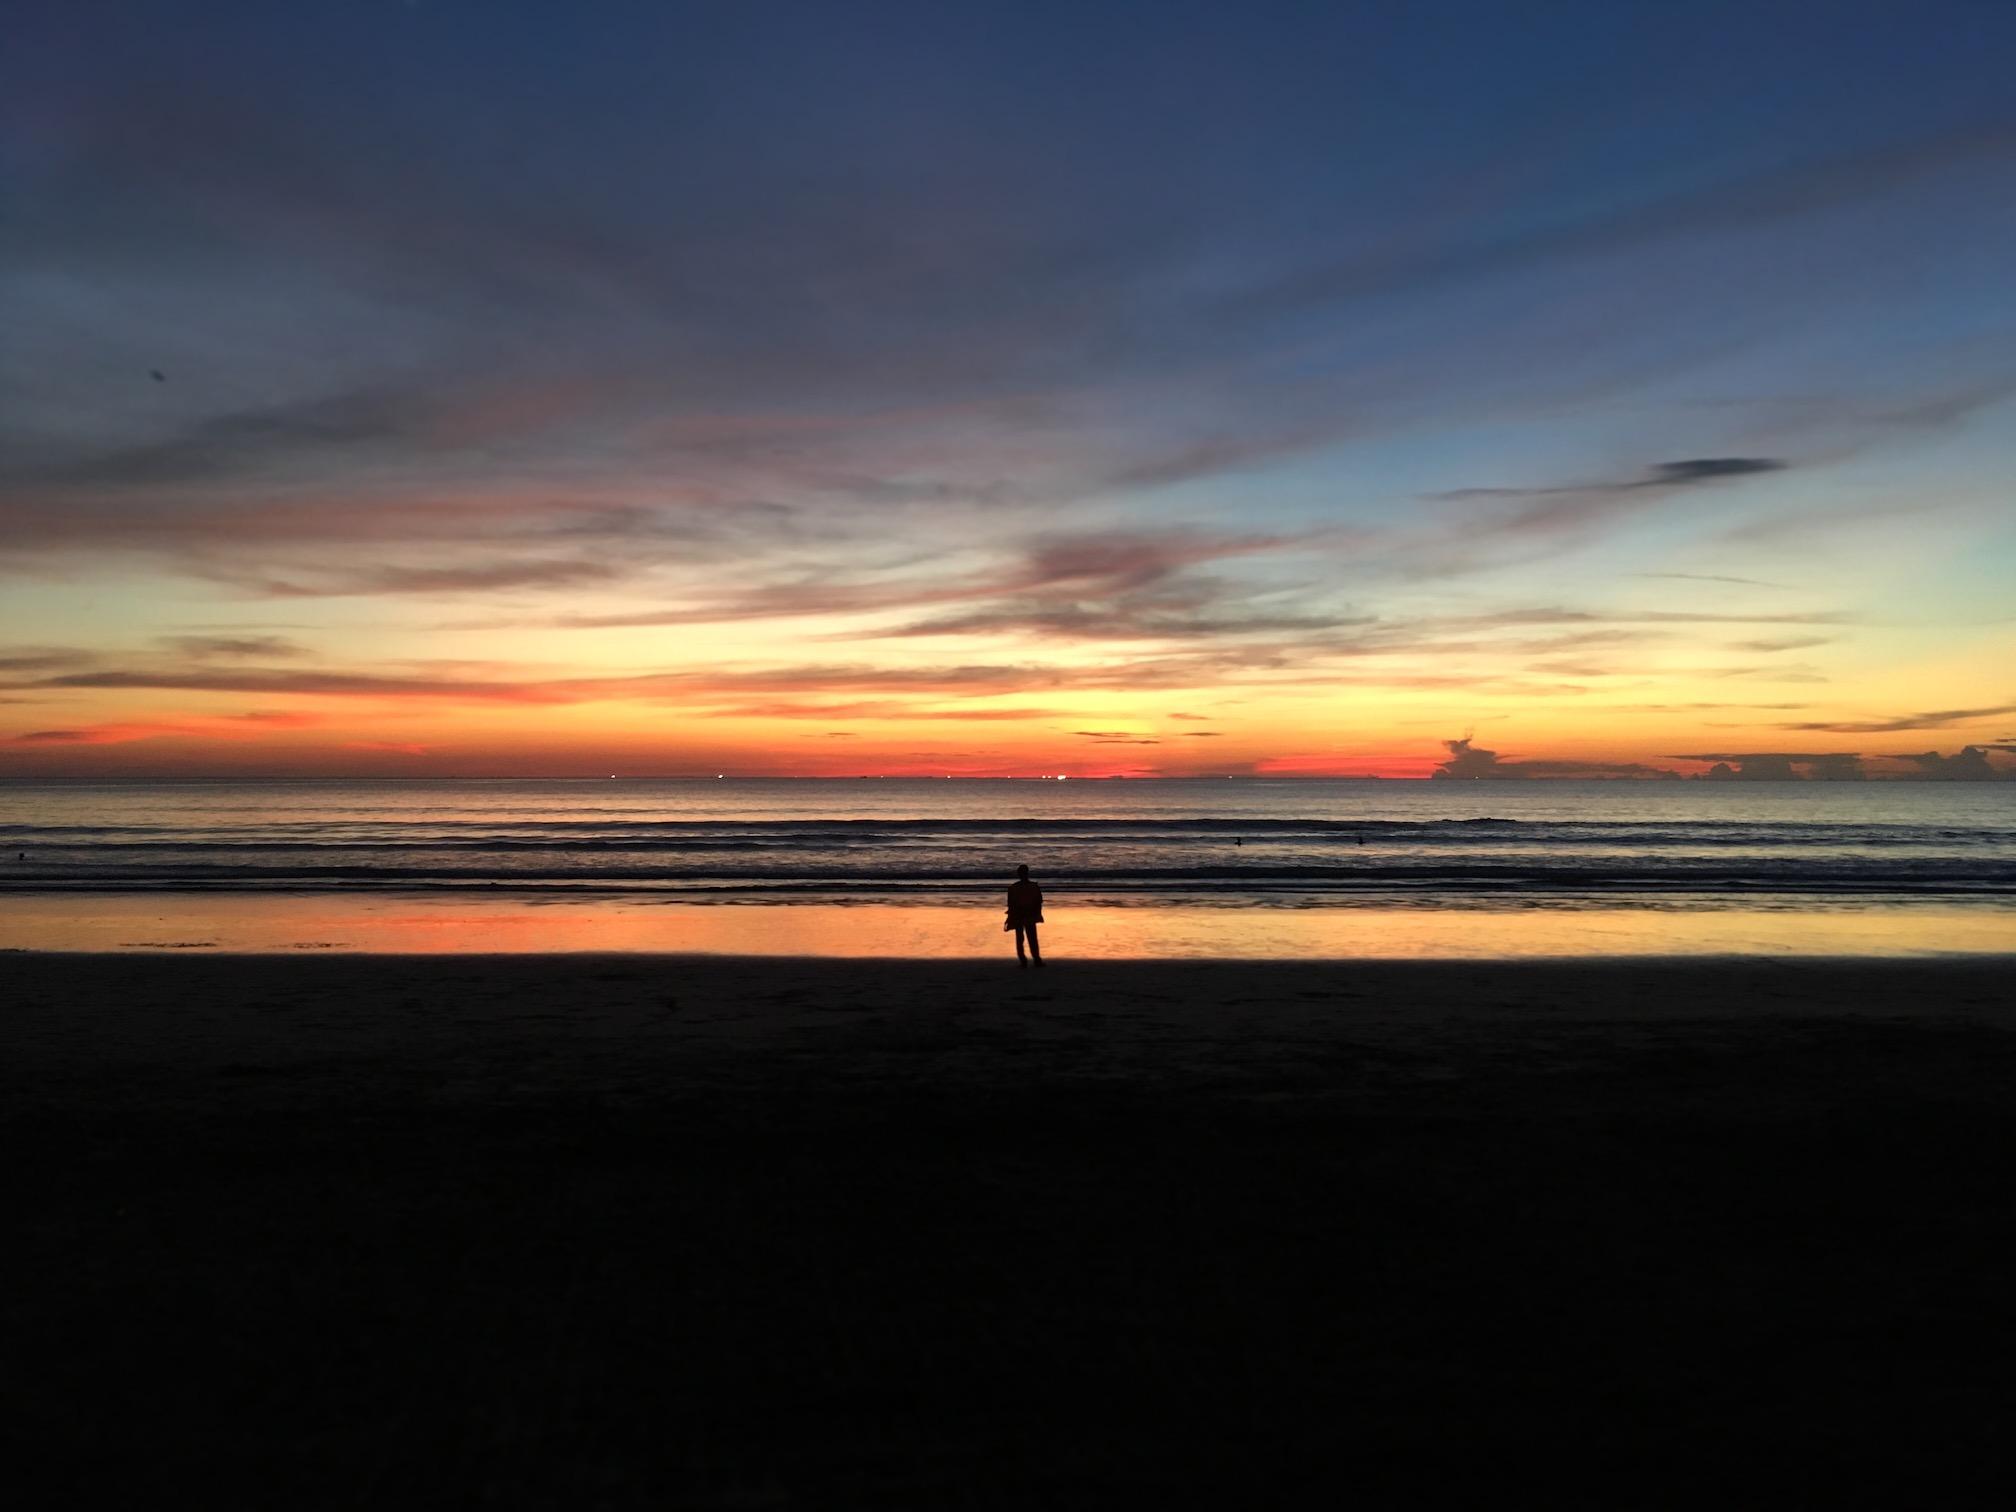 ミャンマーのまだ知られざるリゾート地「ガパリビーチ」が本当にオススメ!